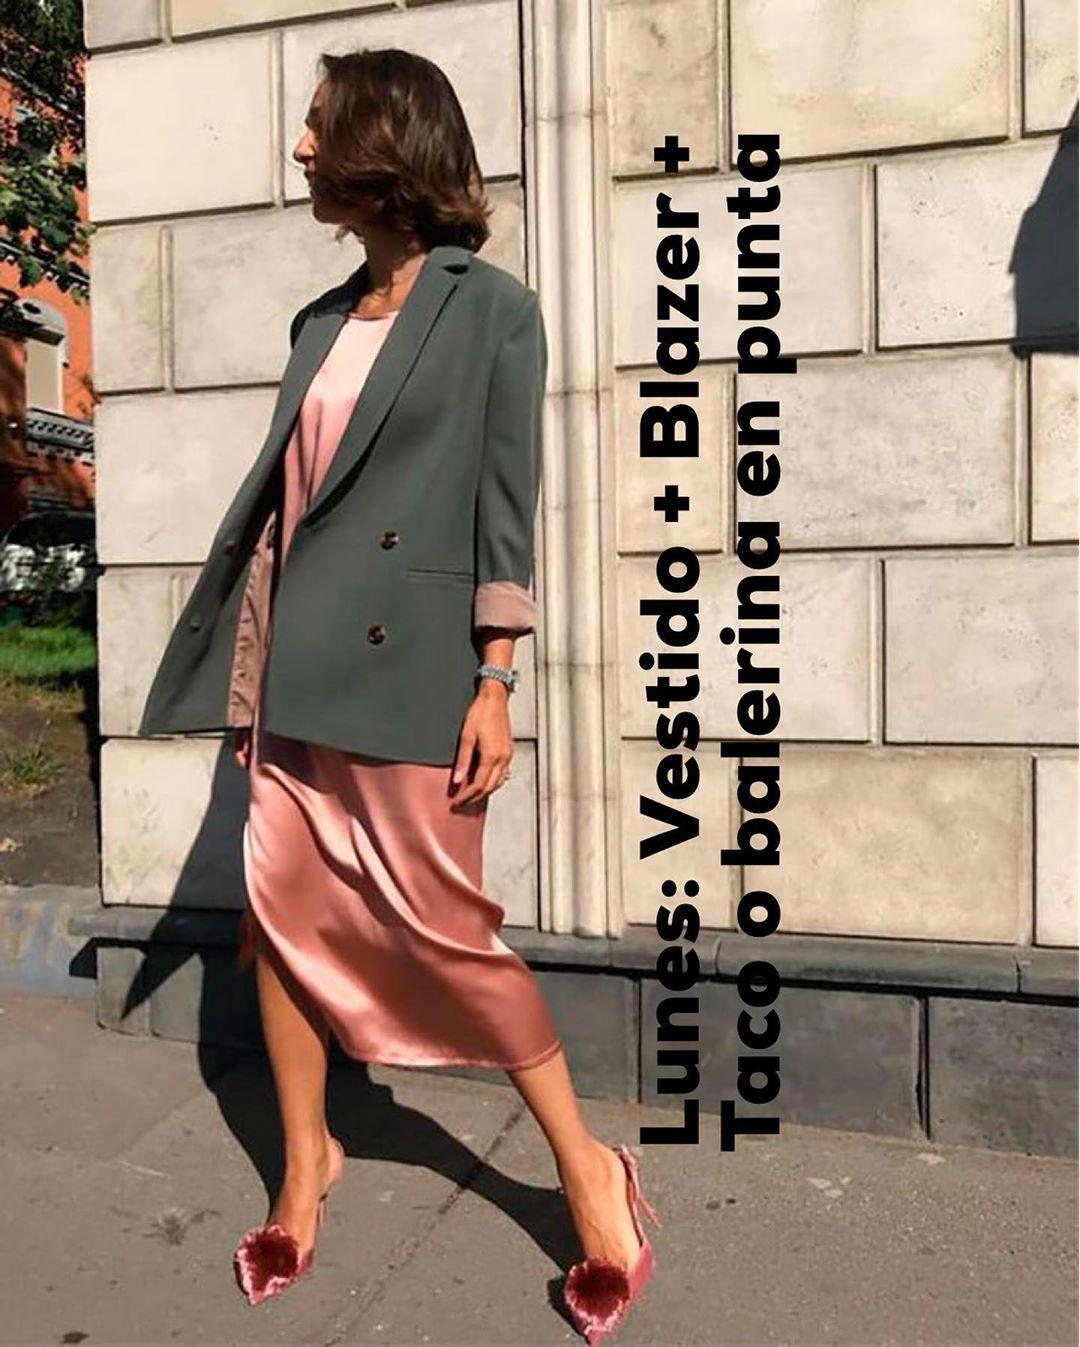 Las propuestas de looks para el trabajo según la cuenta de Instagram de Carola Montenegro